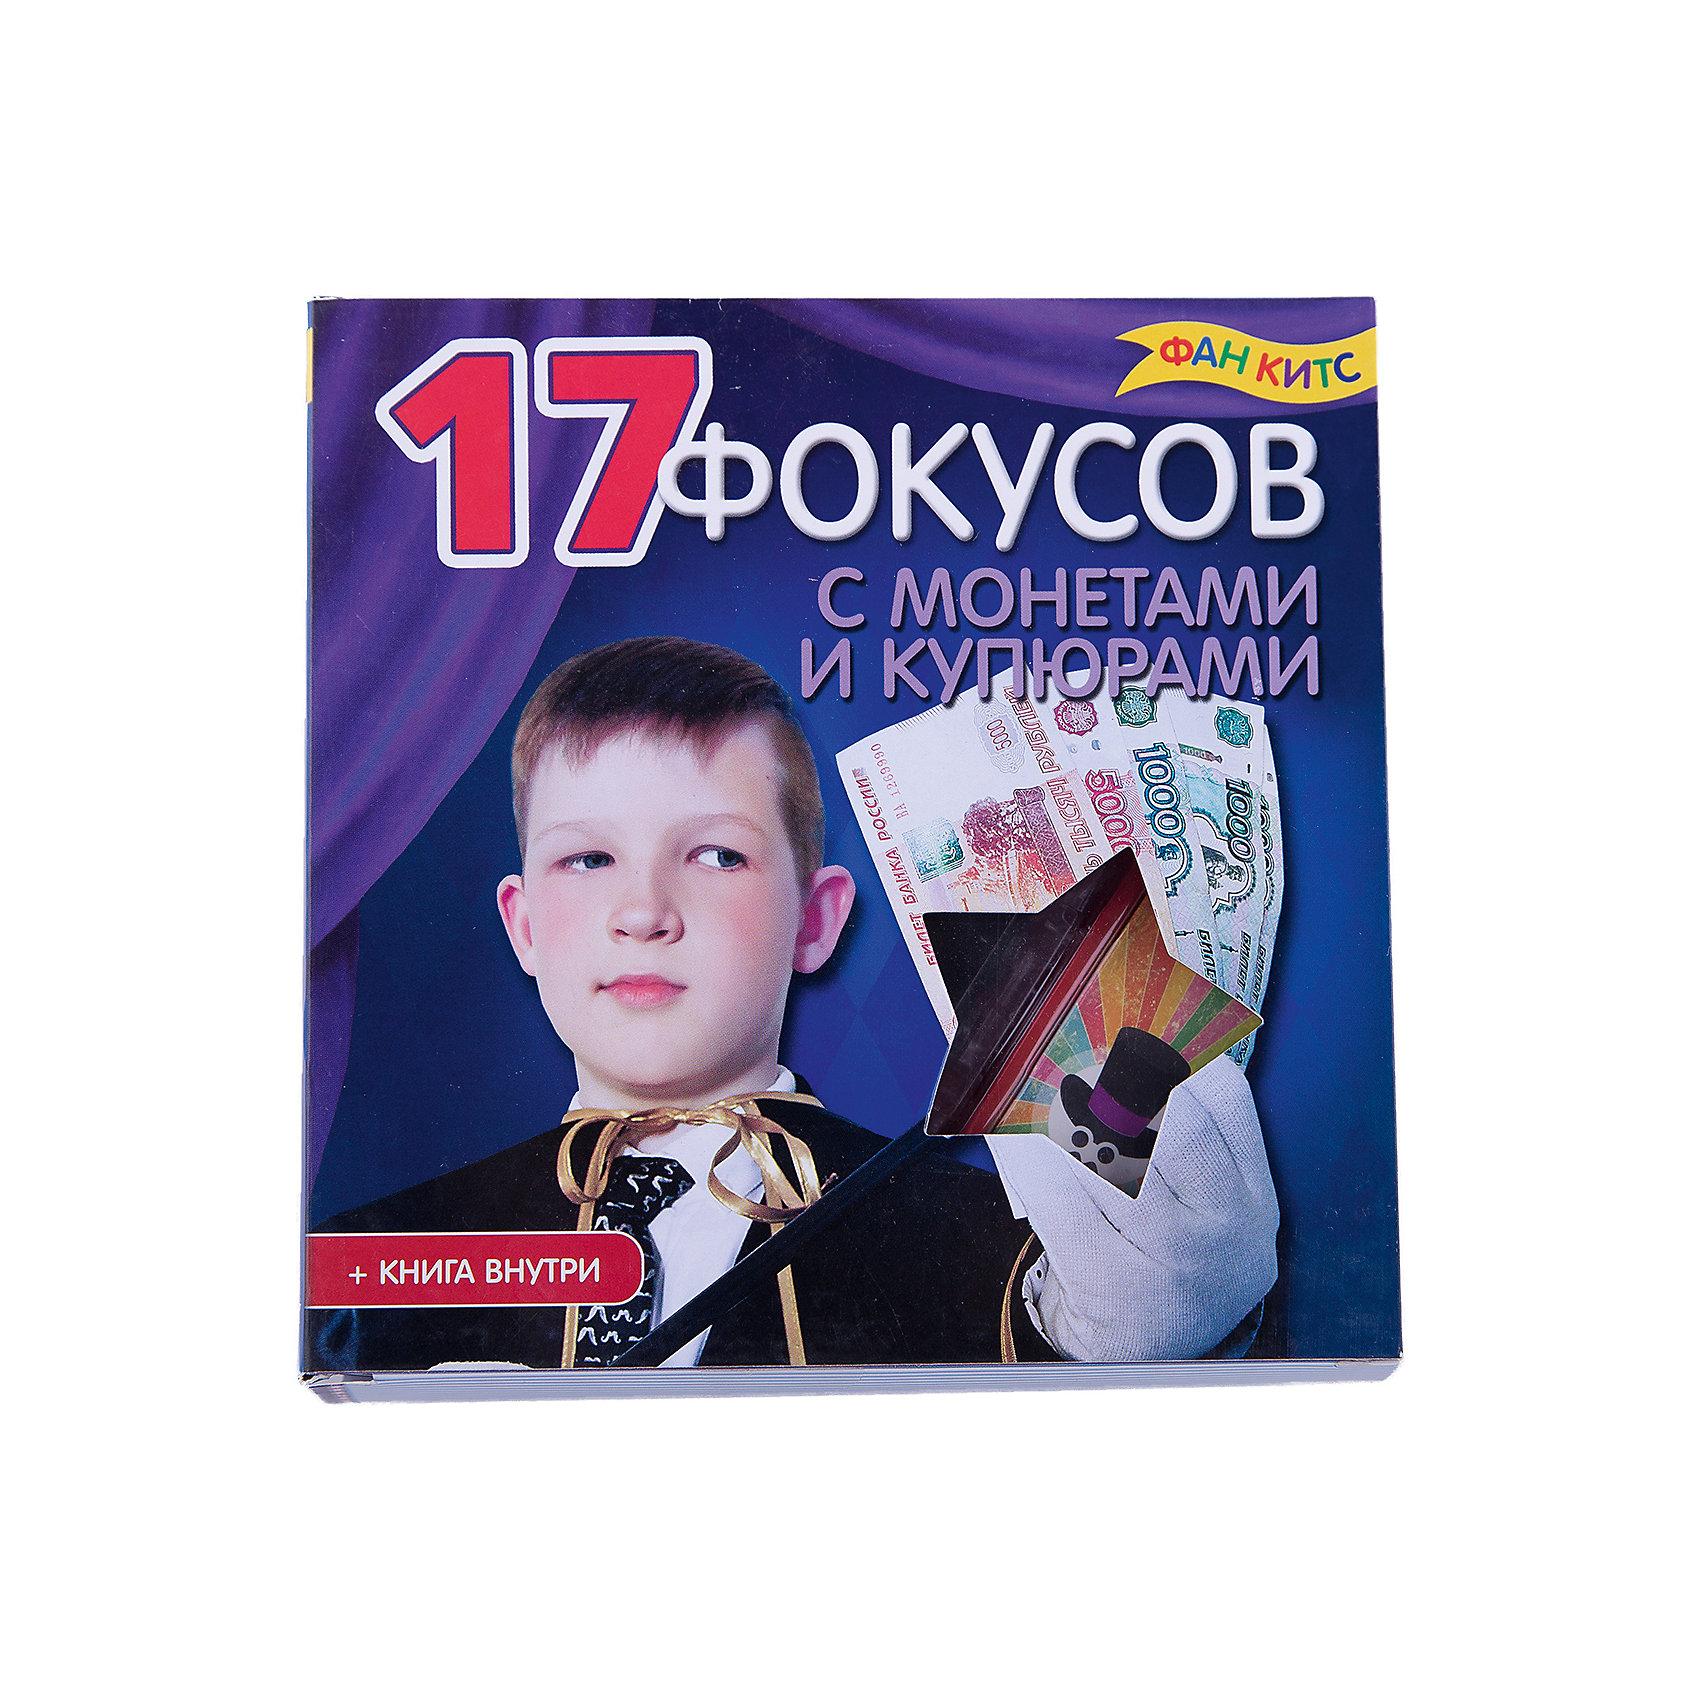 17 фокусов с монетами и купюрамиНаборы для фокусов<br>Этот набор станет замечательным подарком на любой праздник. В нем есть все необходимое для различных трюков и фокусов.  Позвольте вашему ребенку почувствовать себя настоящим фокусником и устроить интереснейшее рождественское представление! <br><br>Дополнительная информация:<br><br>- Комплектация: книга, 12 монеток с китайскими иероглифами, купюра 1000 рублей (не настоящая!), коробок, чудо-ручка для протыкания купюр, Станок для денег, 2 резиновых магнитика, шнурок.<br>- Материал: металл, картон, бумага, пластик.<br>- Размер: 17х17х6,2 см. <br><br>Набор 17 фокусов с монетами и купюрами можно купить в нашем магазине.<br><br>Ширина мм: 170<br>Глубина мм: 62<br>Высота мм: 170<br>Вес г: 400<br>Возраст от месяцев: 72<br>Возраст до месяцев: 144<br>Пол: Унисекс<br>Возраст: Детский<br>SKU: 4318891